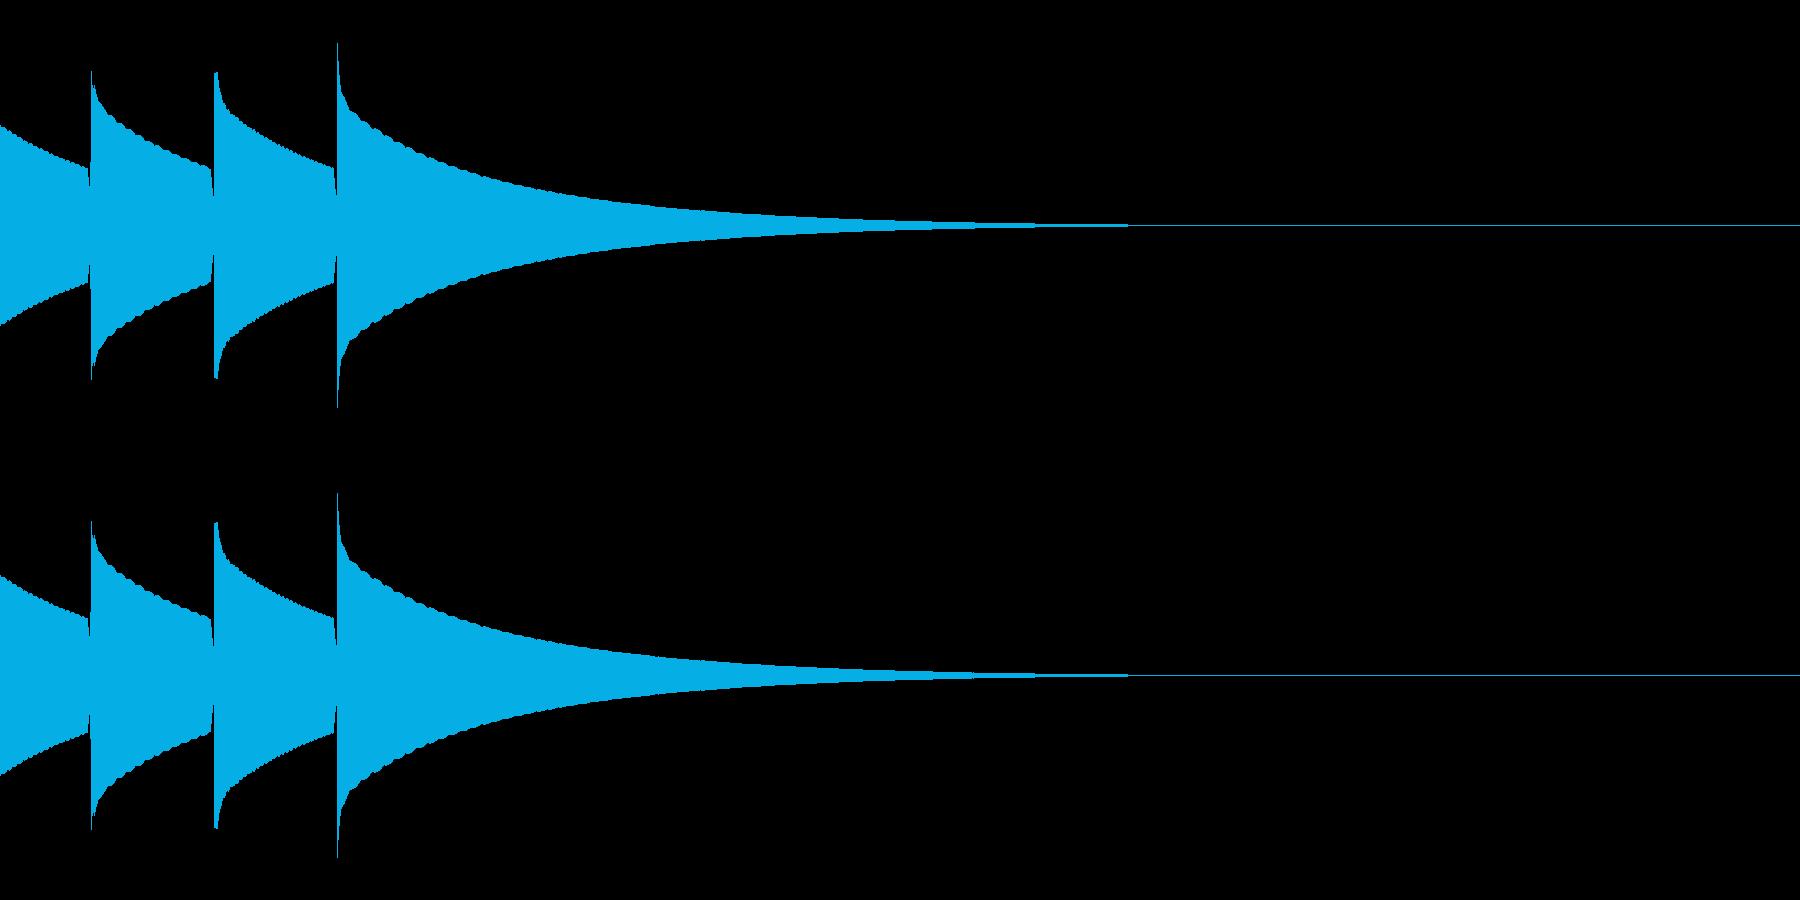 キラキラ(星/通知音/アイテム/2回)の再生済みの波形